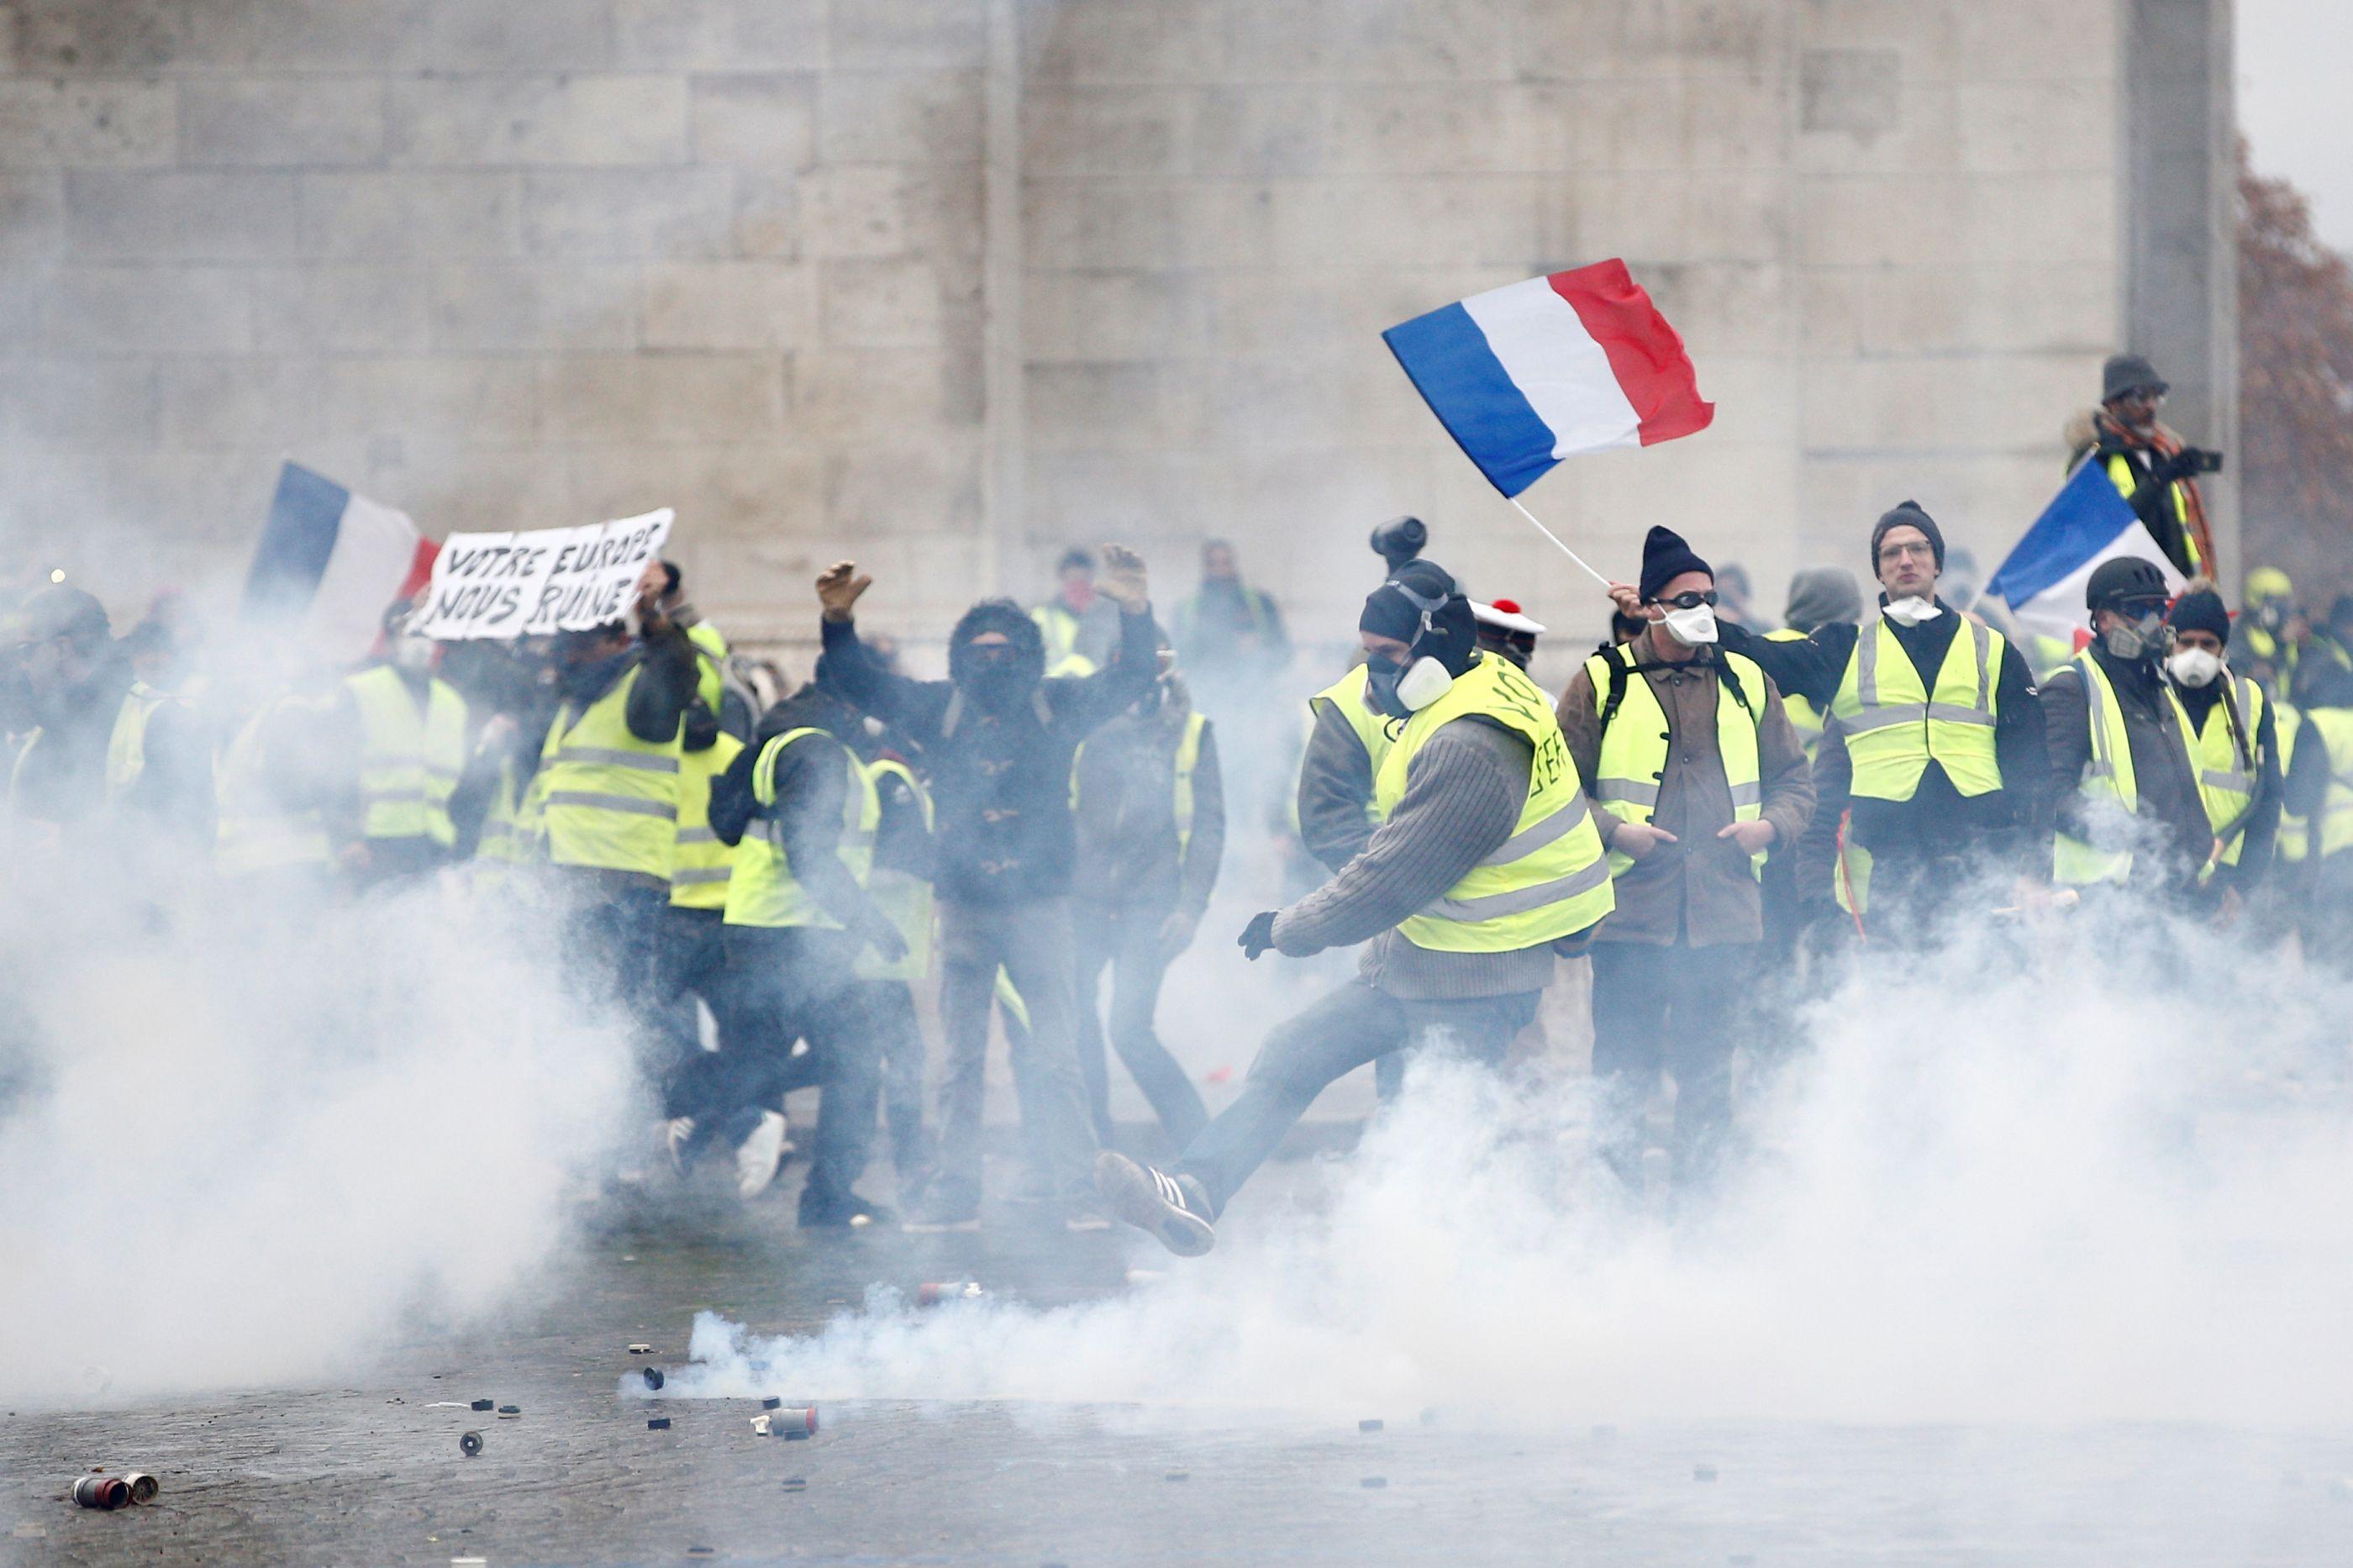 Governo da França teme 'grande violência' neste sábado